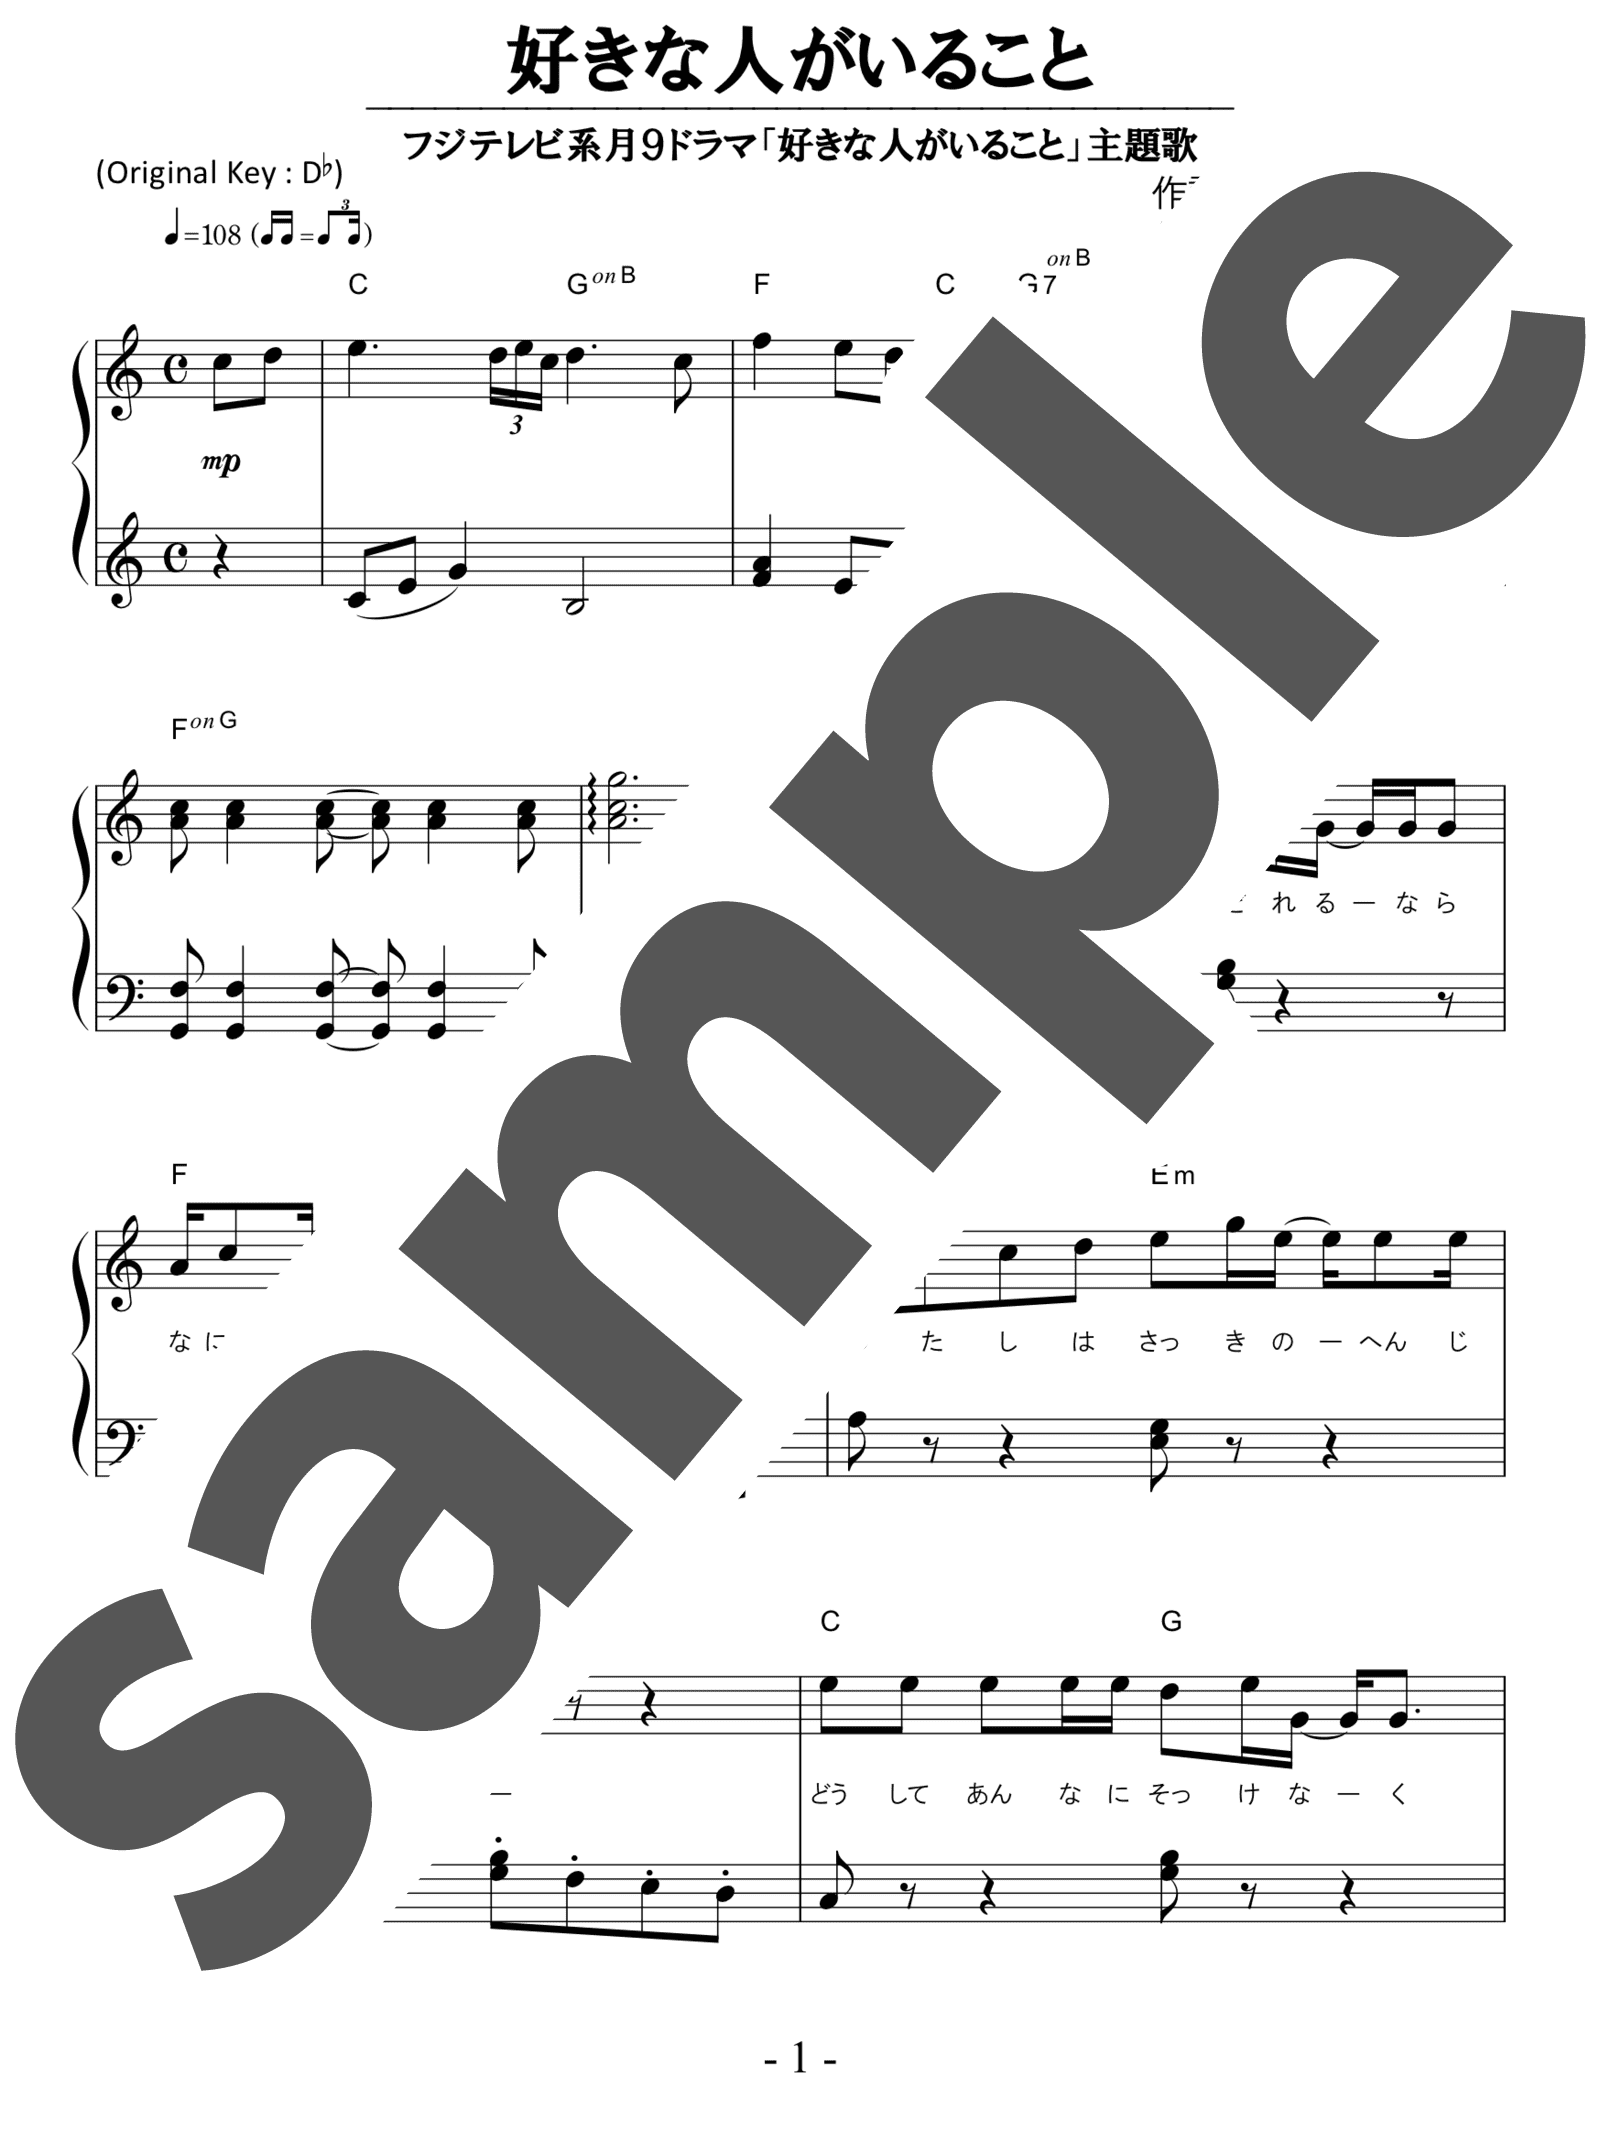 「好きな人がいること」のサンプル楽譜